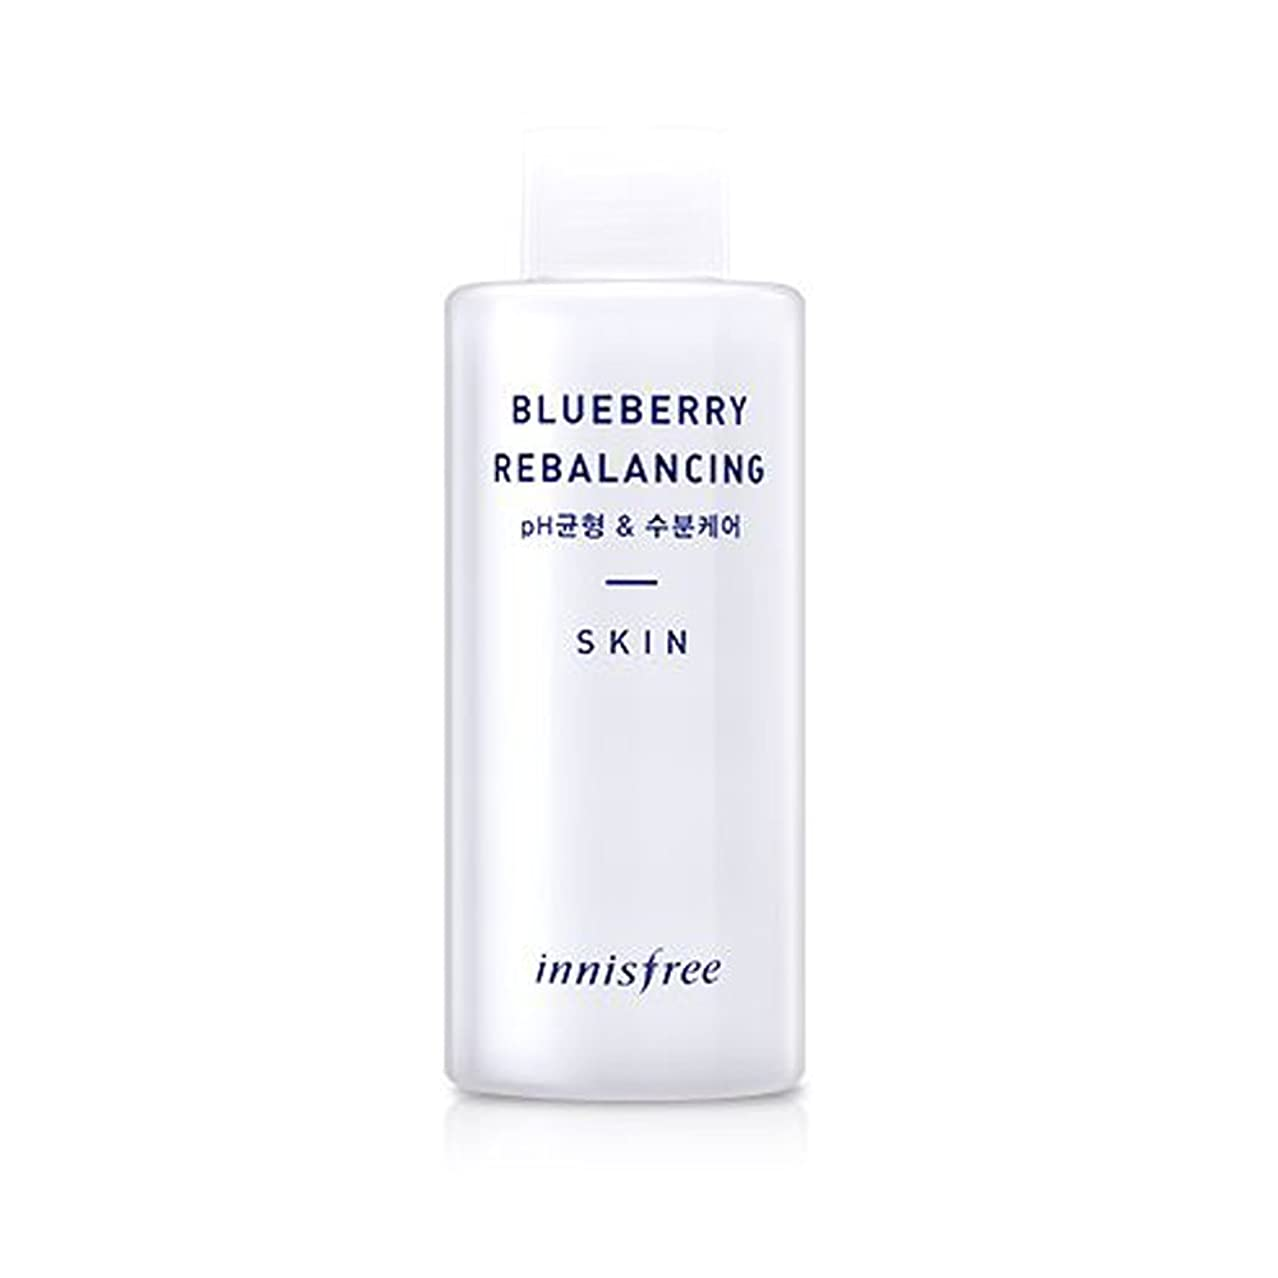 反対に哲学博士驚き[イニスプリー]Innisfree ブルーベリーリバランシングスキン(150ml)  Innisfree Blueberry Rebalancing Skin (150ml) [海外直送品]